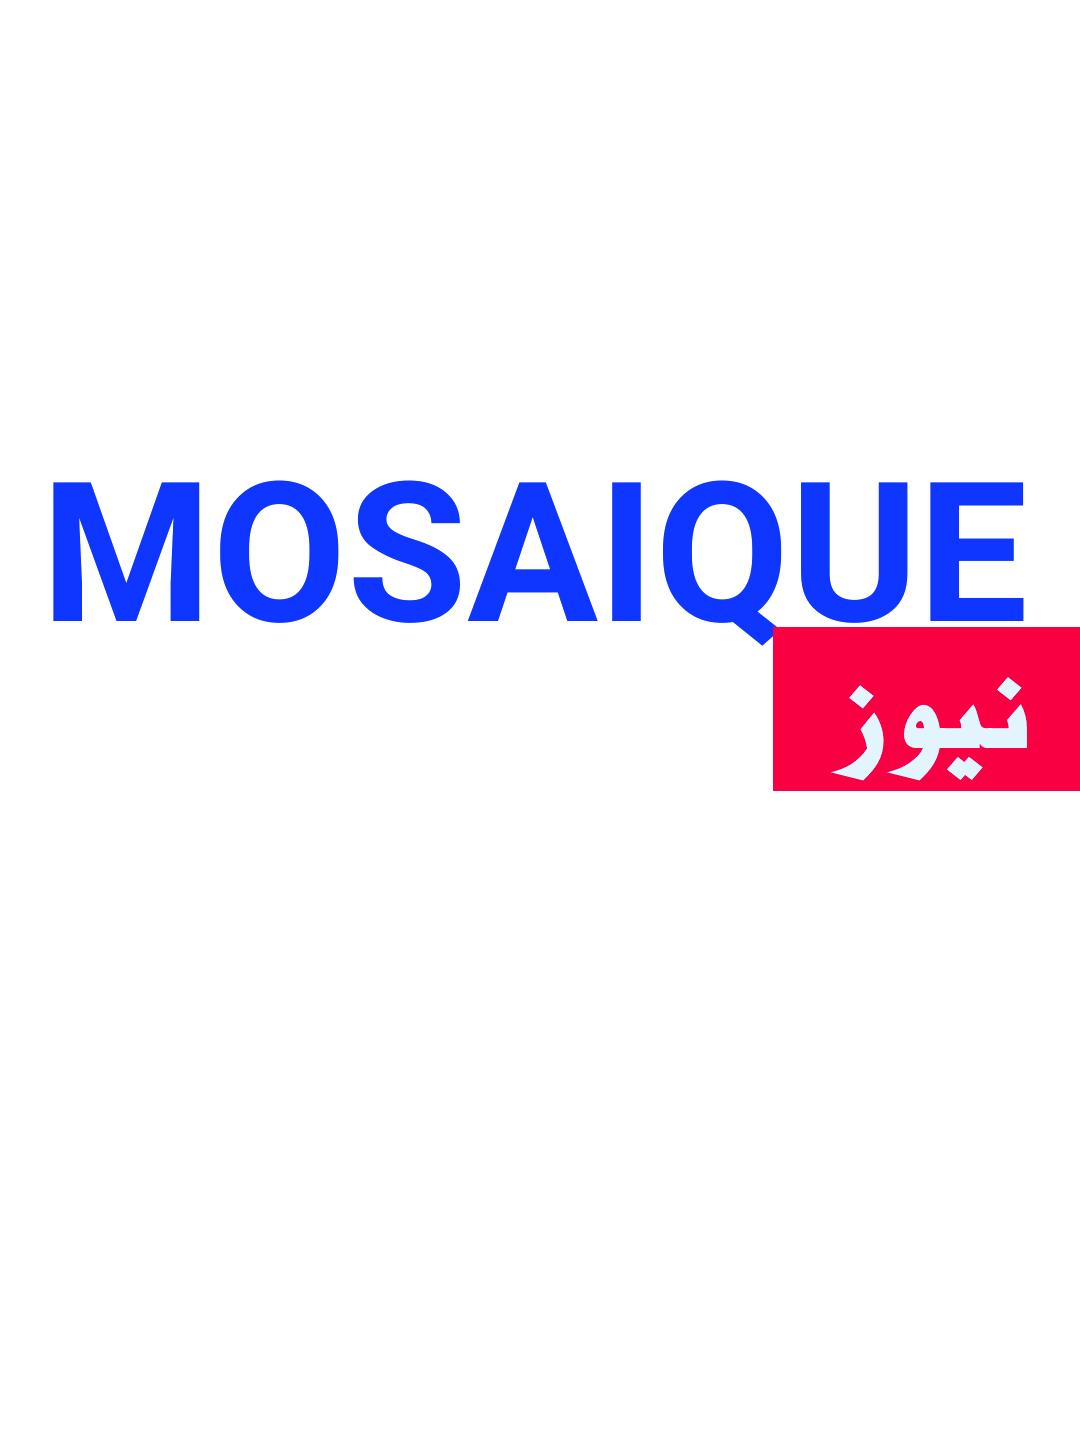 mosaique news - موزاييك نيوز